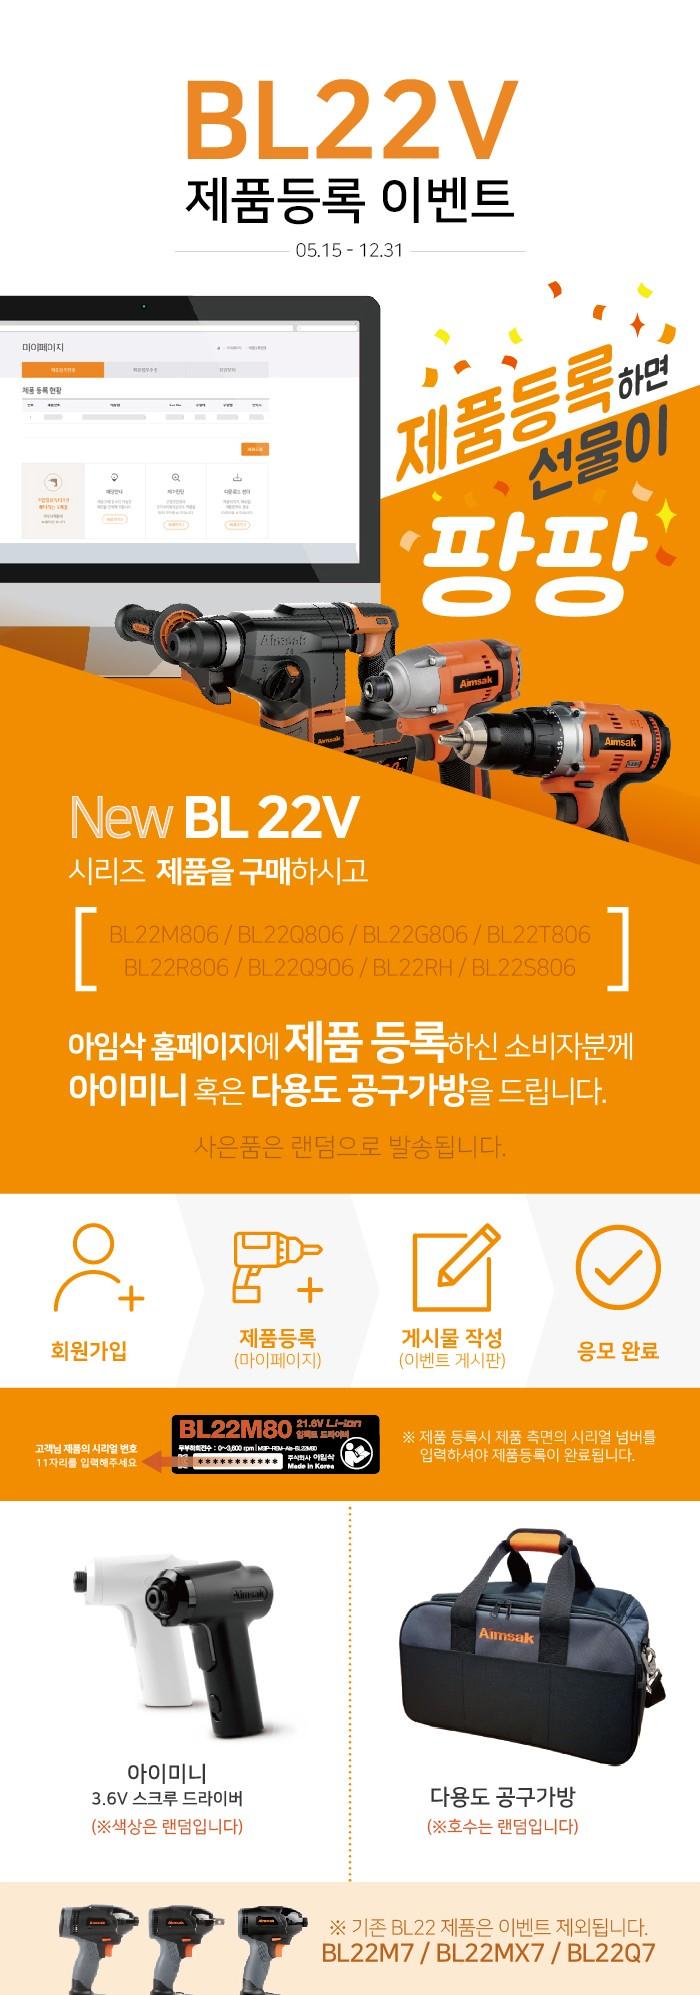 [공지] BL22시리즈 제품등록 이벤트 마감